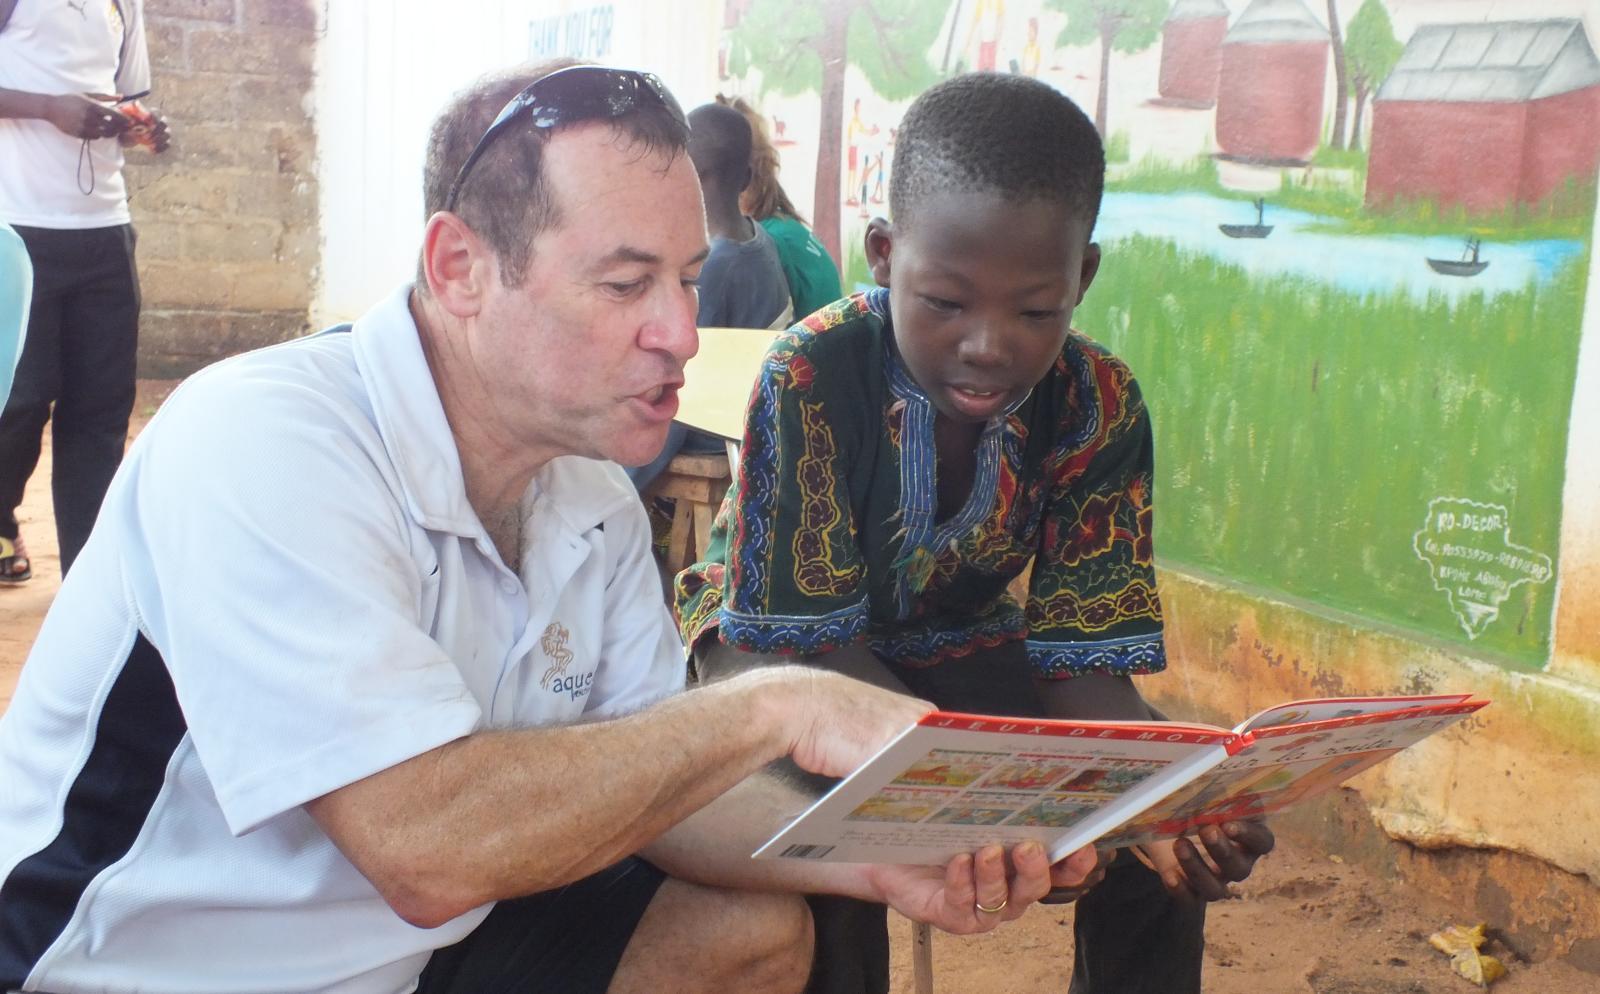 Un volontaire lit un livre à un enfant dans le cadre d'une mission de volontariat pour seniors